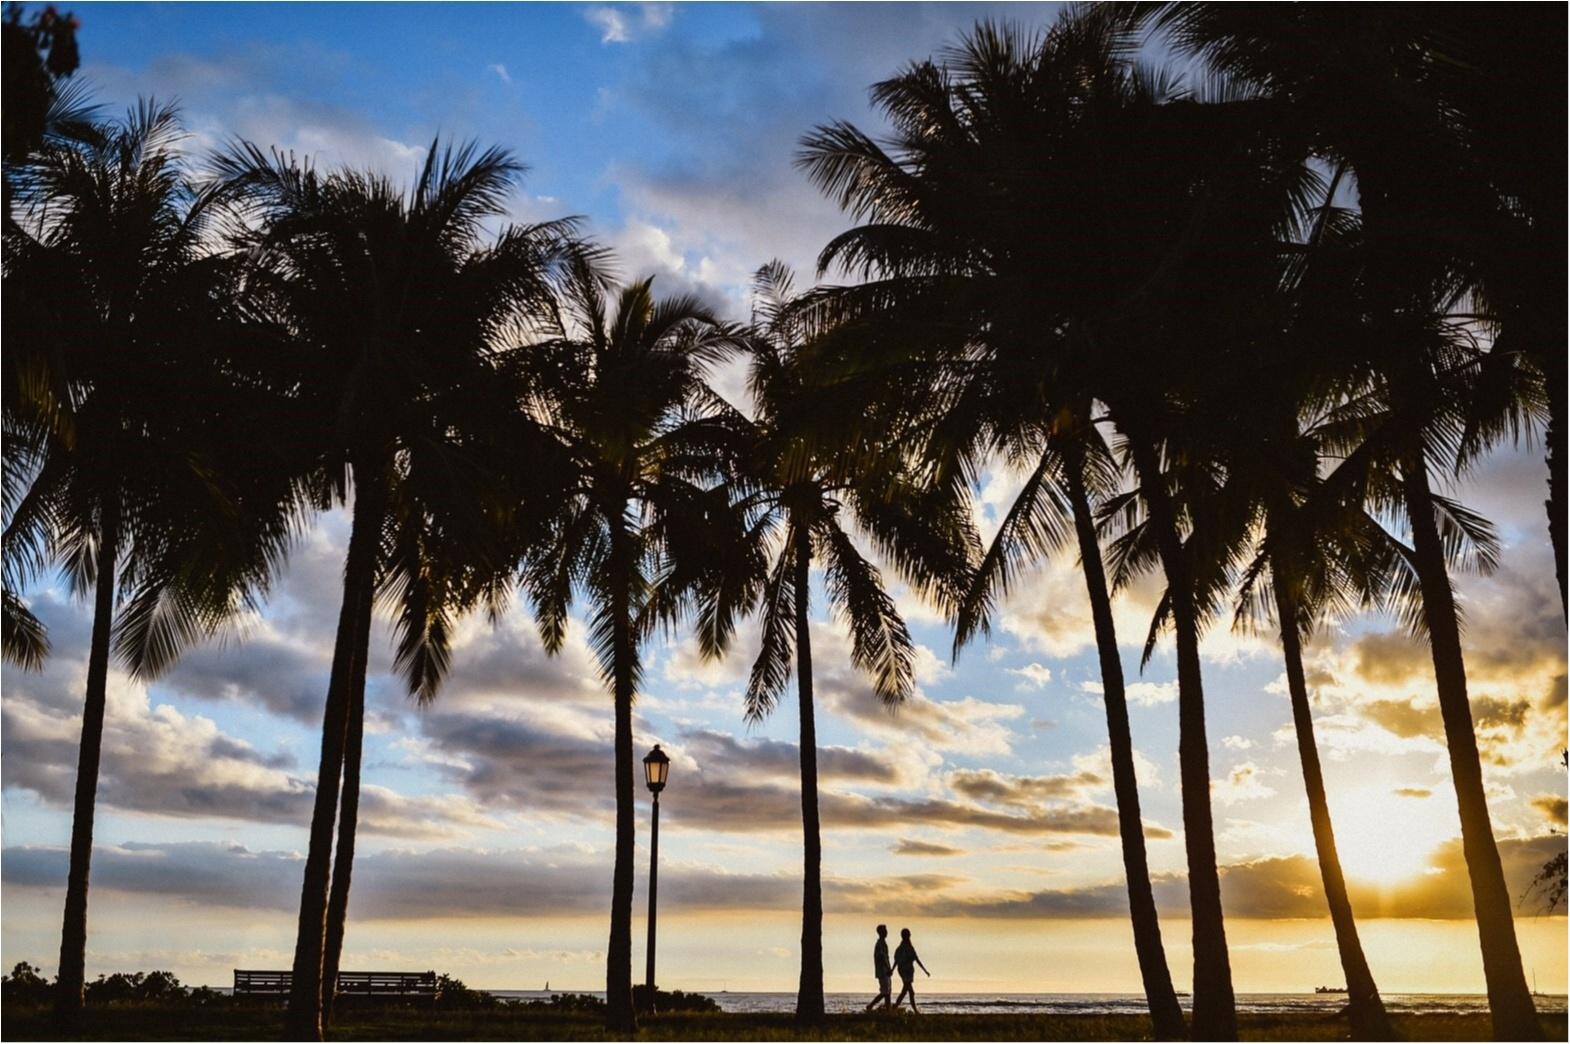 【プレ花嫁さん必見】ハワイでウェディングフォト撮影-SNS映えもバッチリのサンセットおすすめスポット編-_4